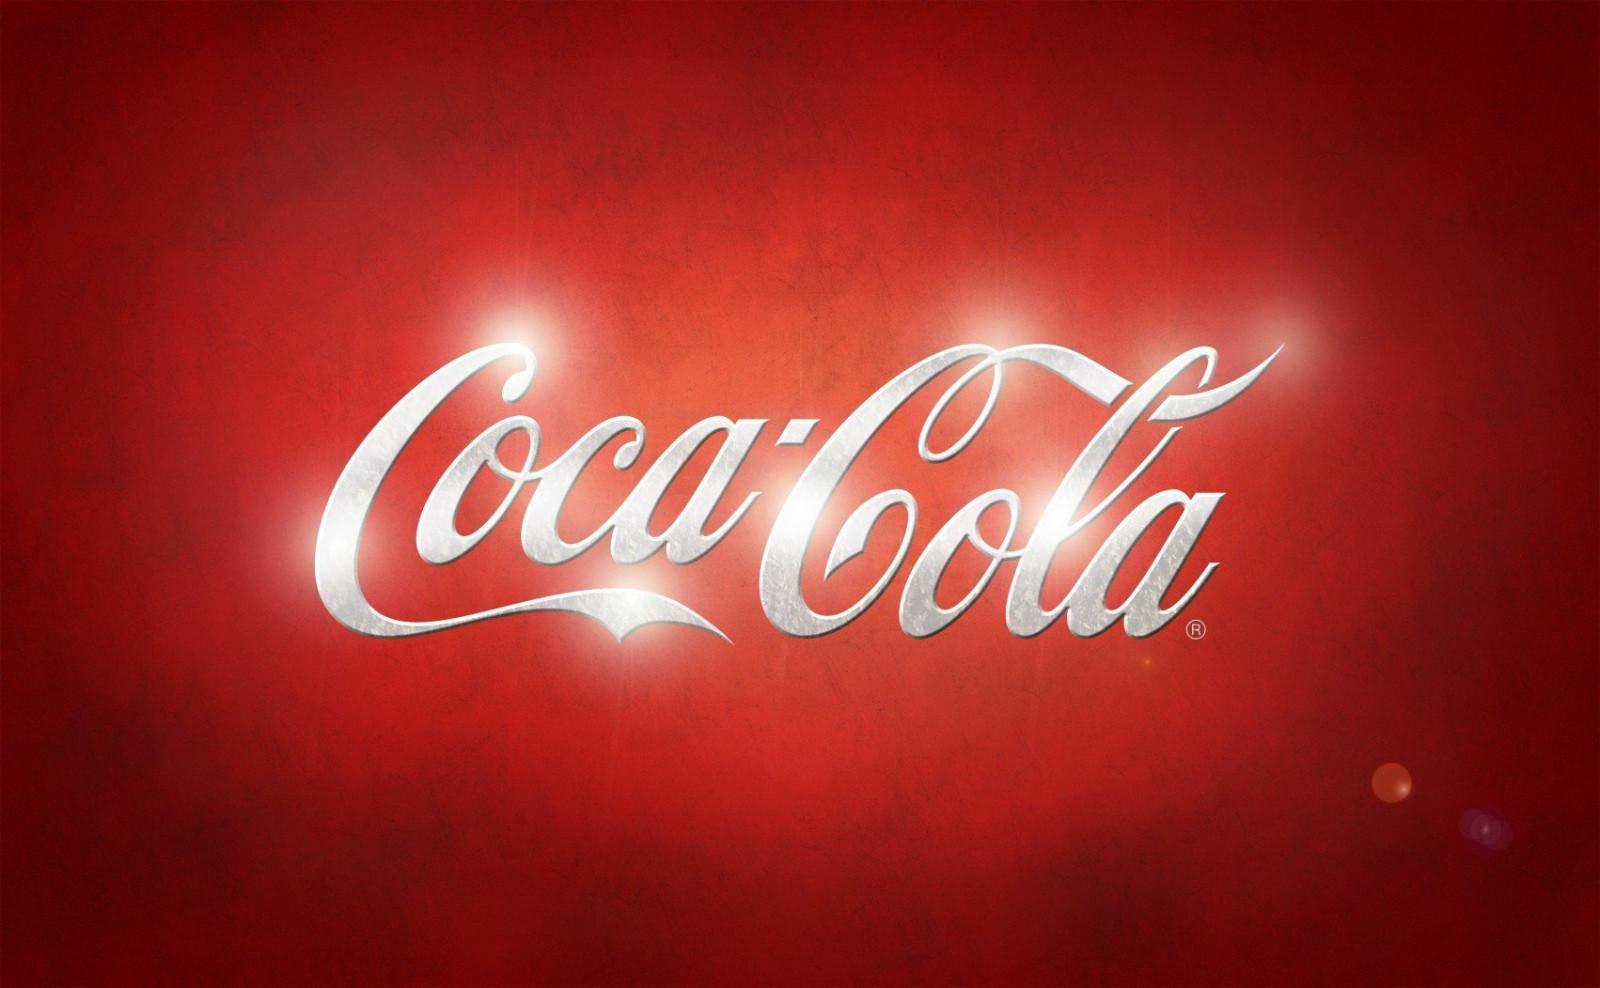 Картинки с надписью кока-кола, поздравительную открытку днем